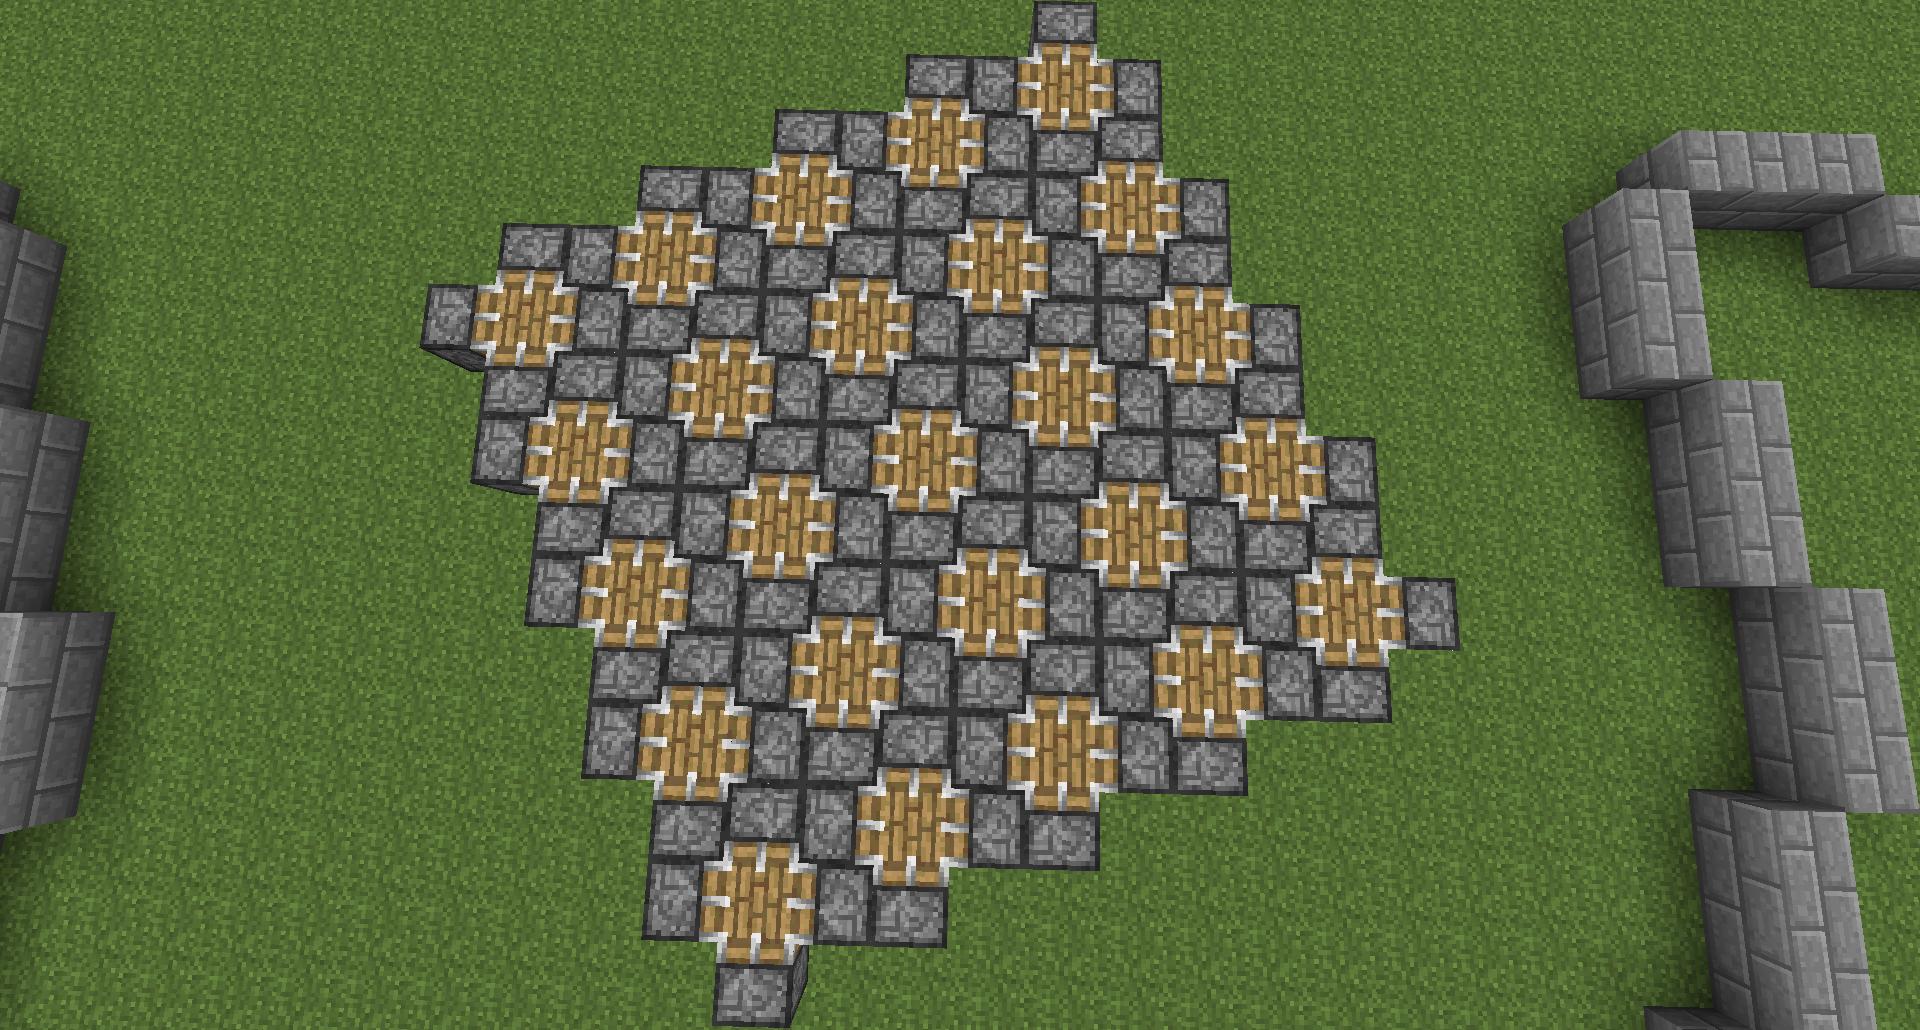 Minecraft pattern sol recherche google sol 1 for Minecraft floor designs